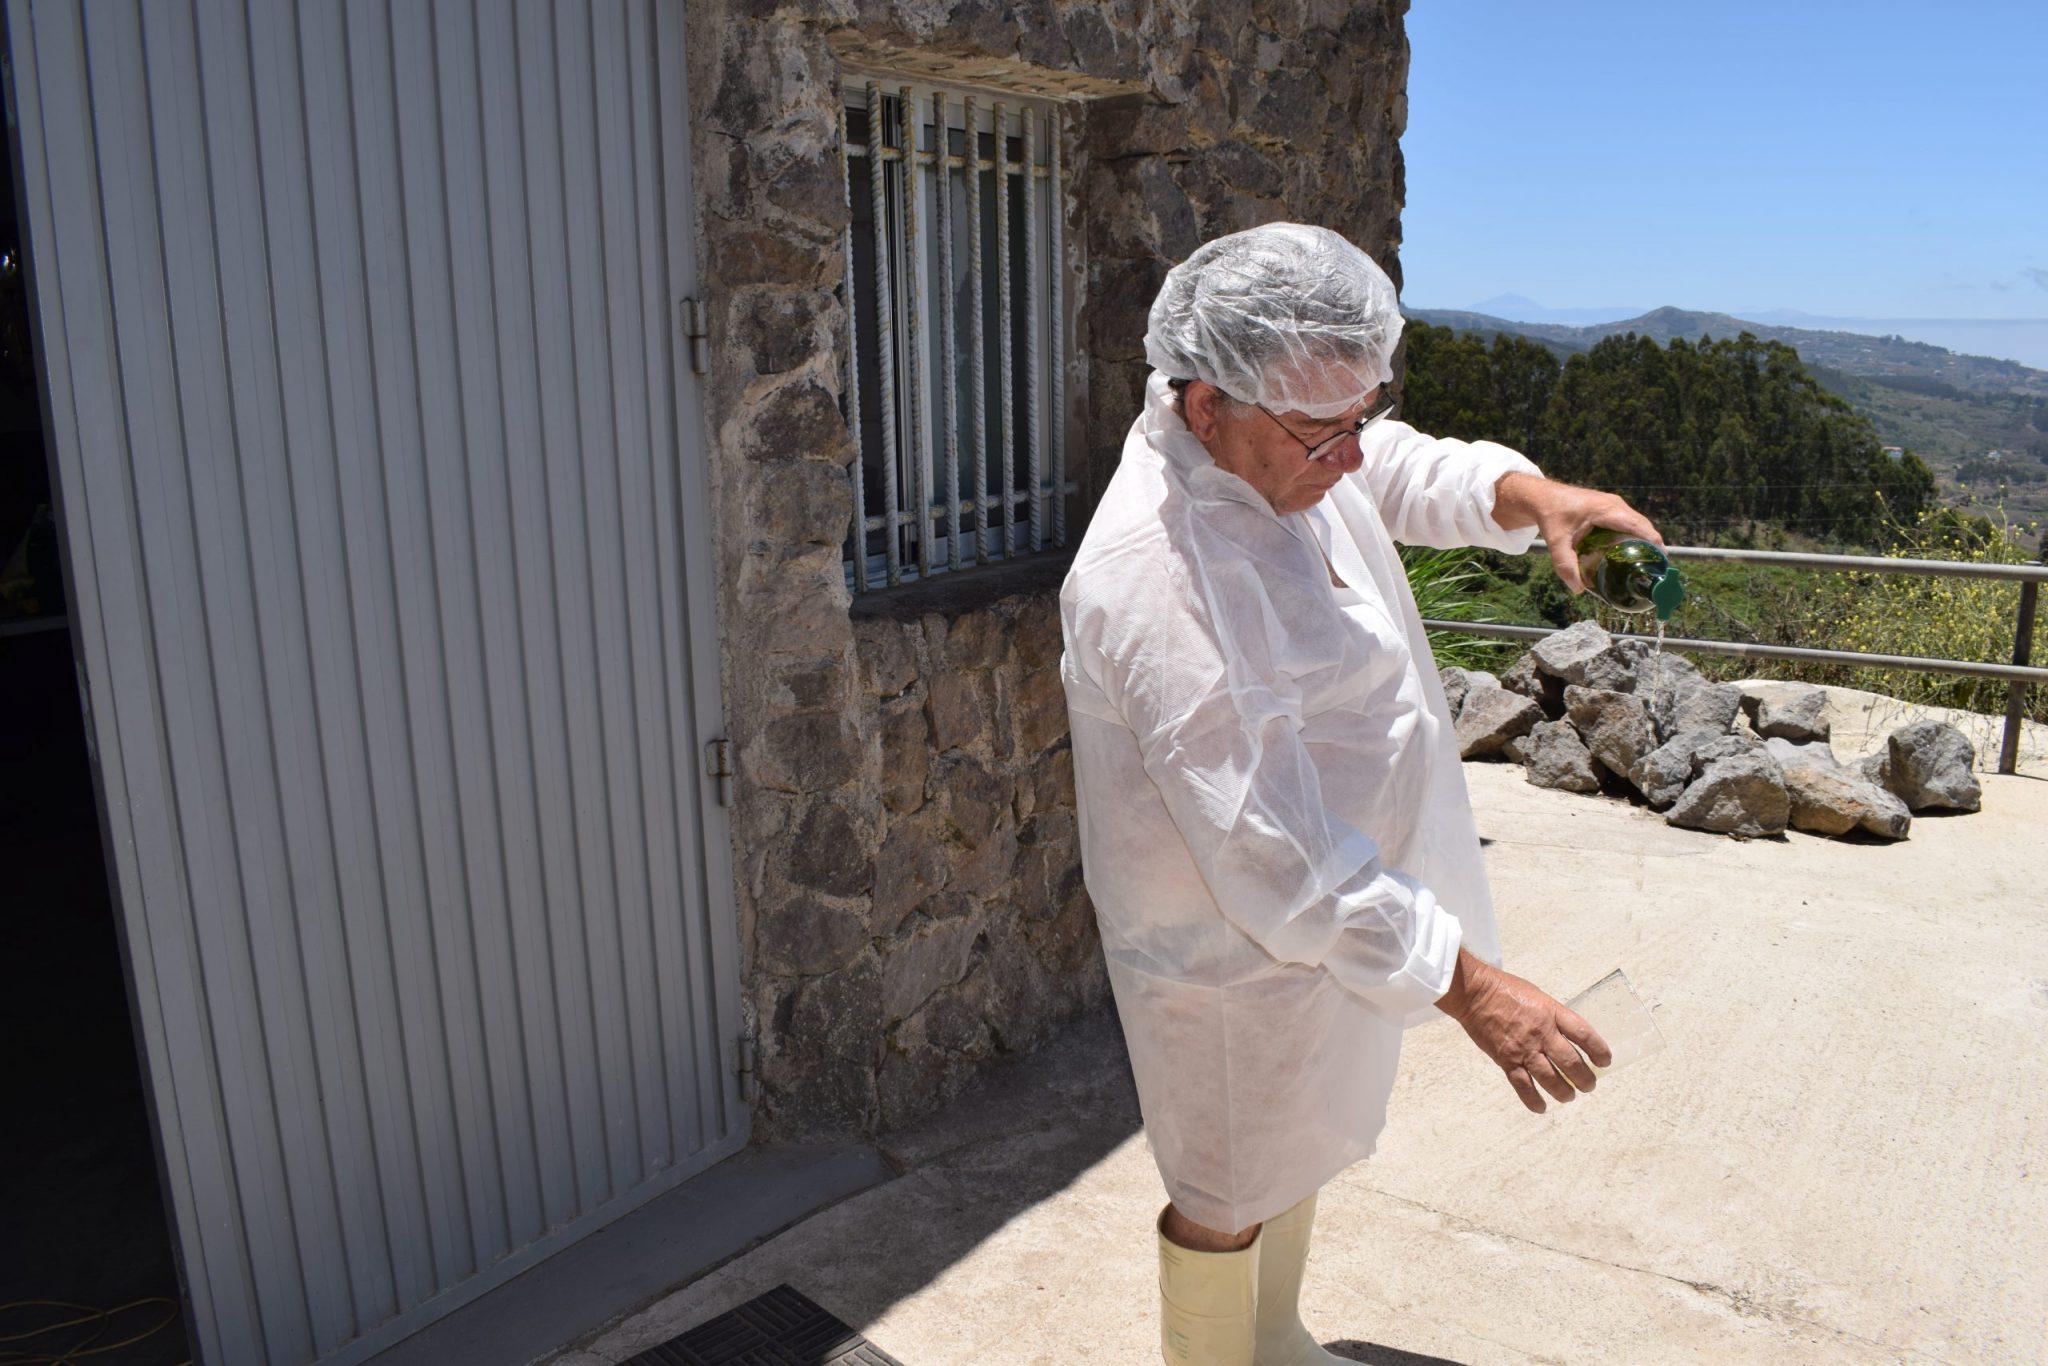 Ángel wearing protective gear